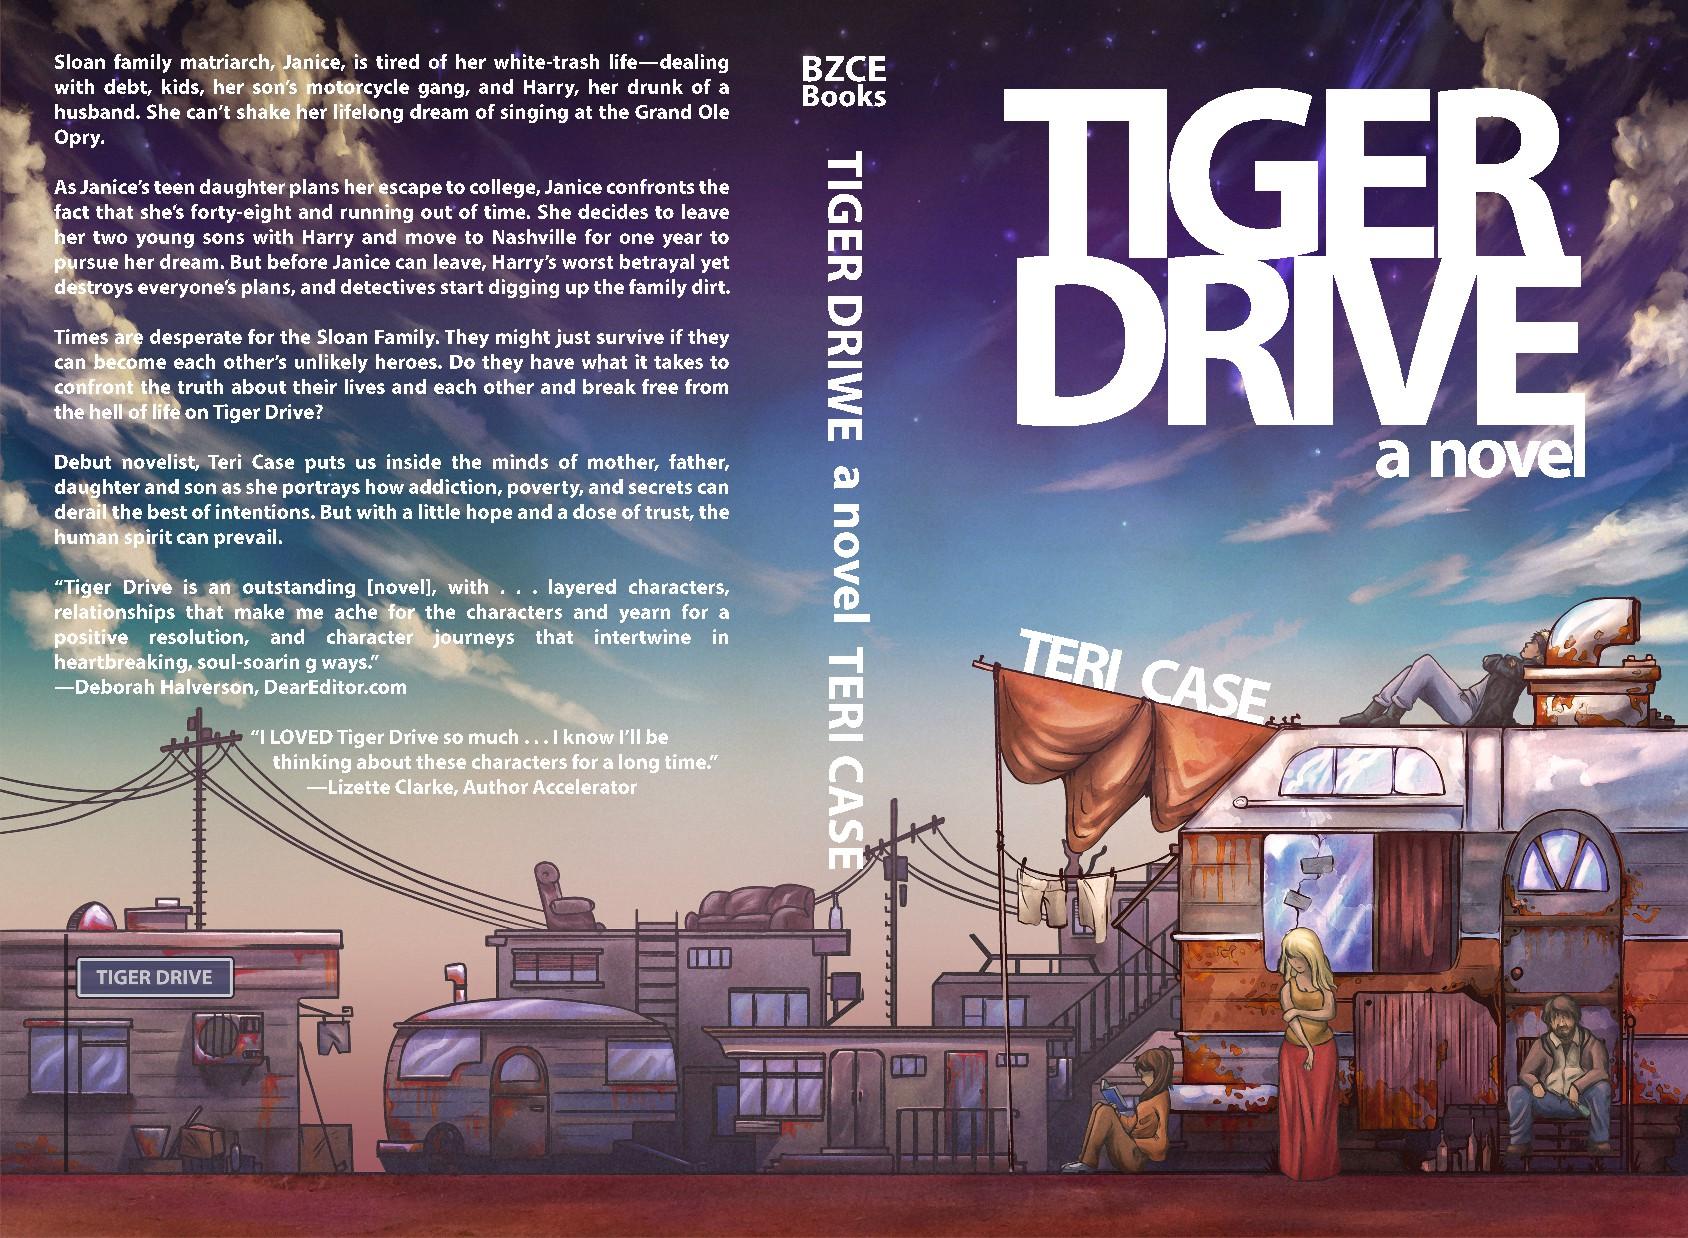 Tiger Drive: a novel